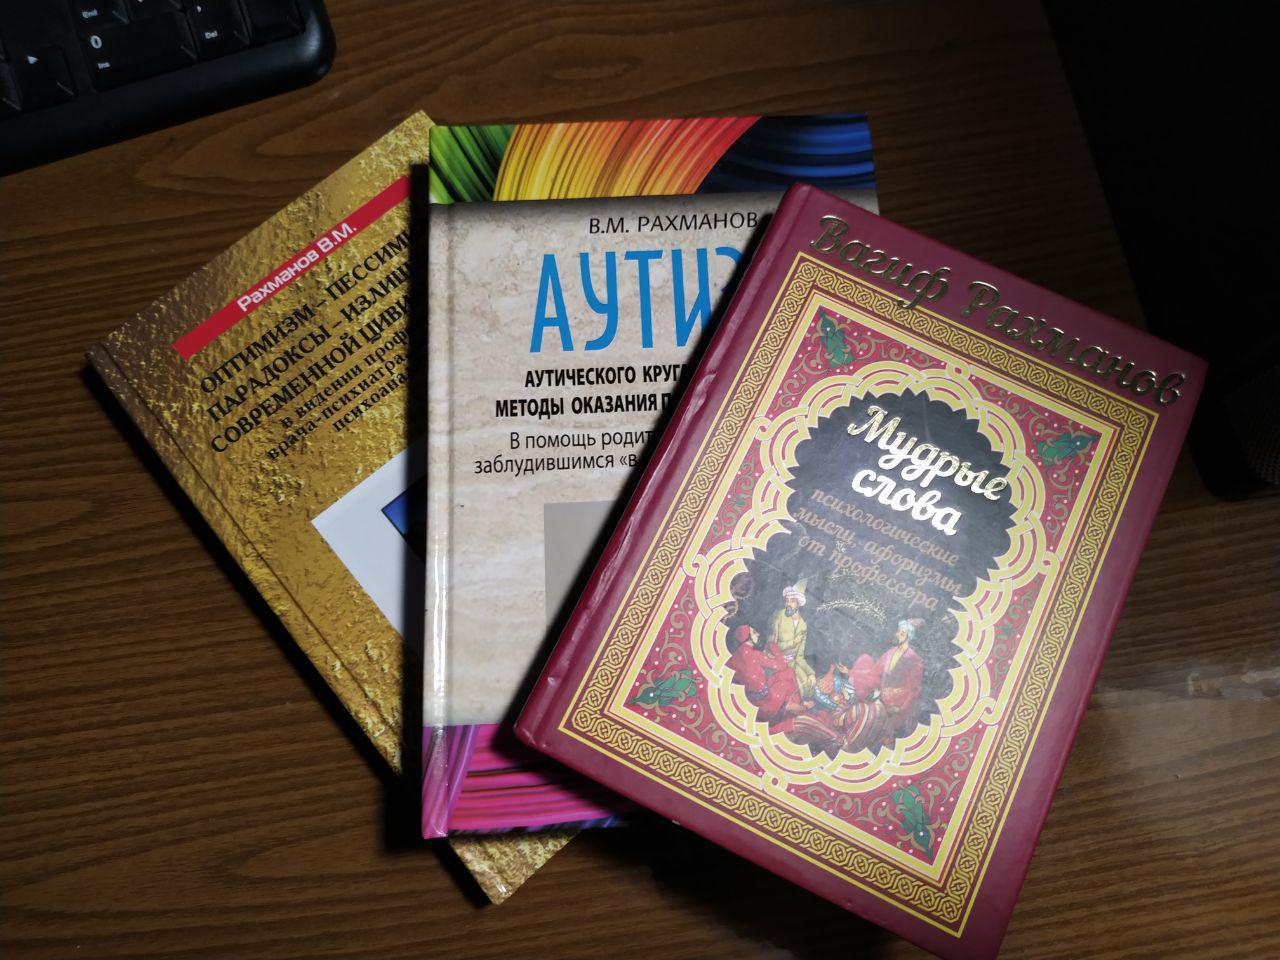 Книги профессора Рахманова в нашей домашней библиотеке